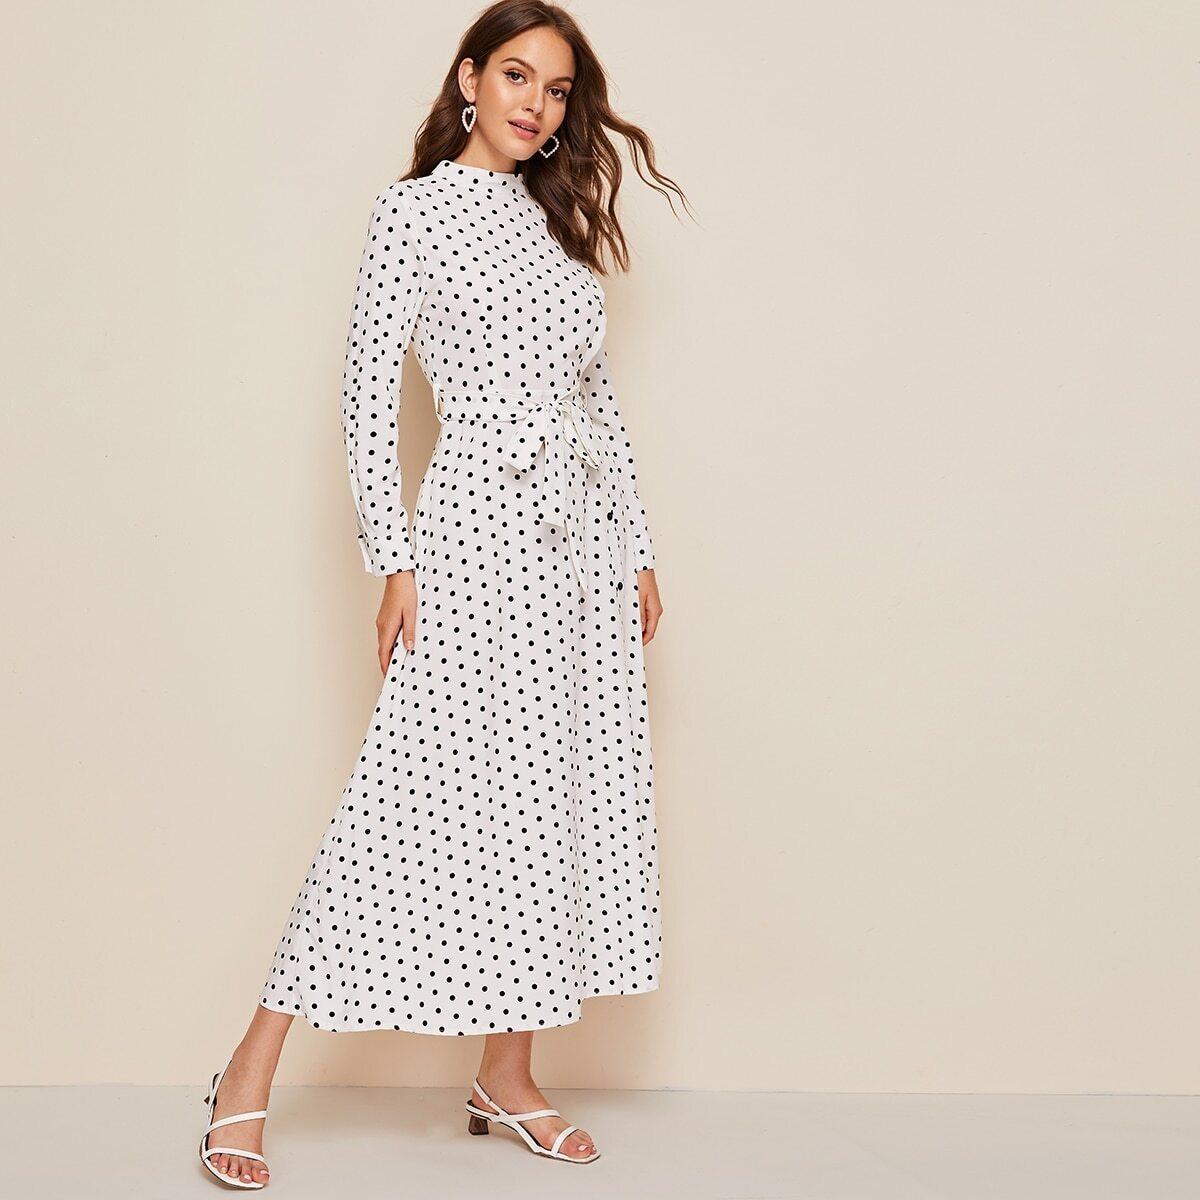 SHEIN / Kleid mit Stehkragen und Gürtel